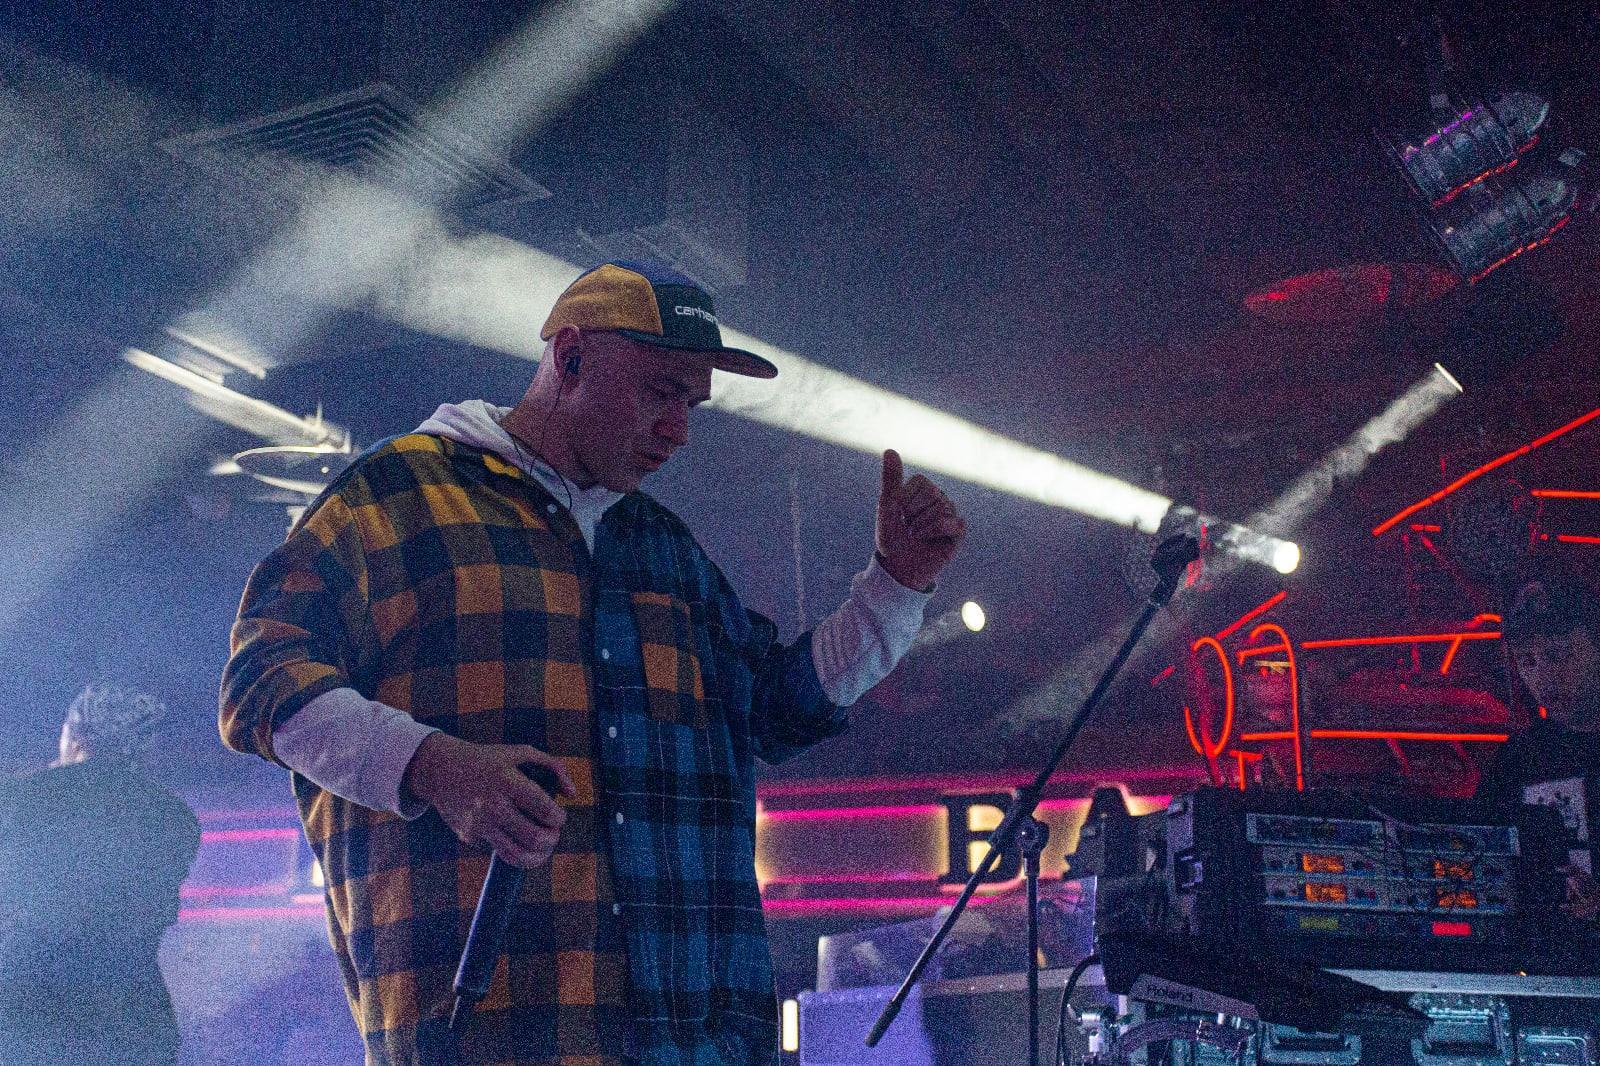 фото «Какие-то типы качают головой в ритм»: группа «Каста» выступила в Новосибирске – 10 фото с долгожданного концерта 10